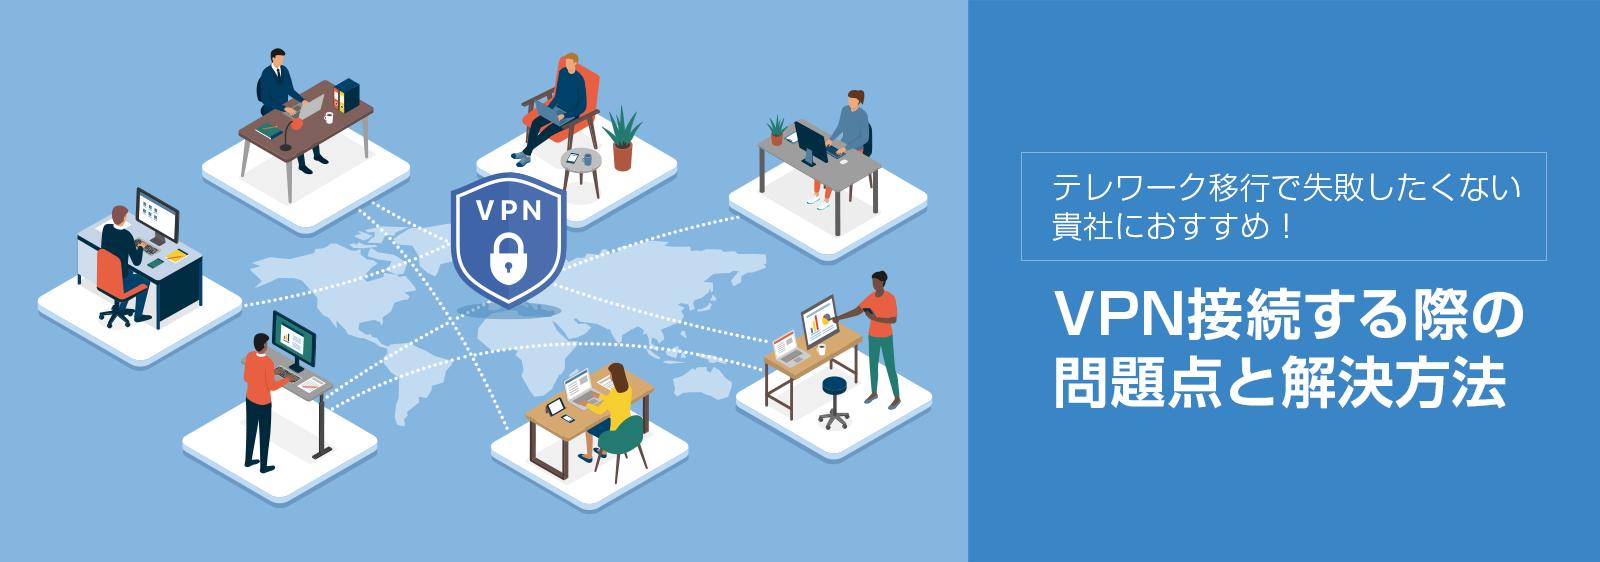 テレワーク移行で失敗したくない貴社におすすめ!VPN接続する際の問題点と解決方法